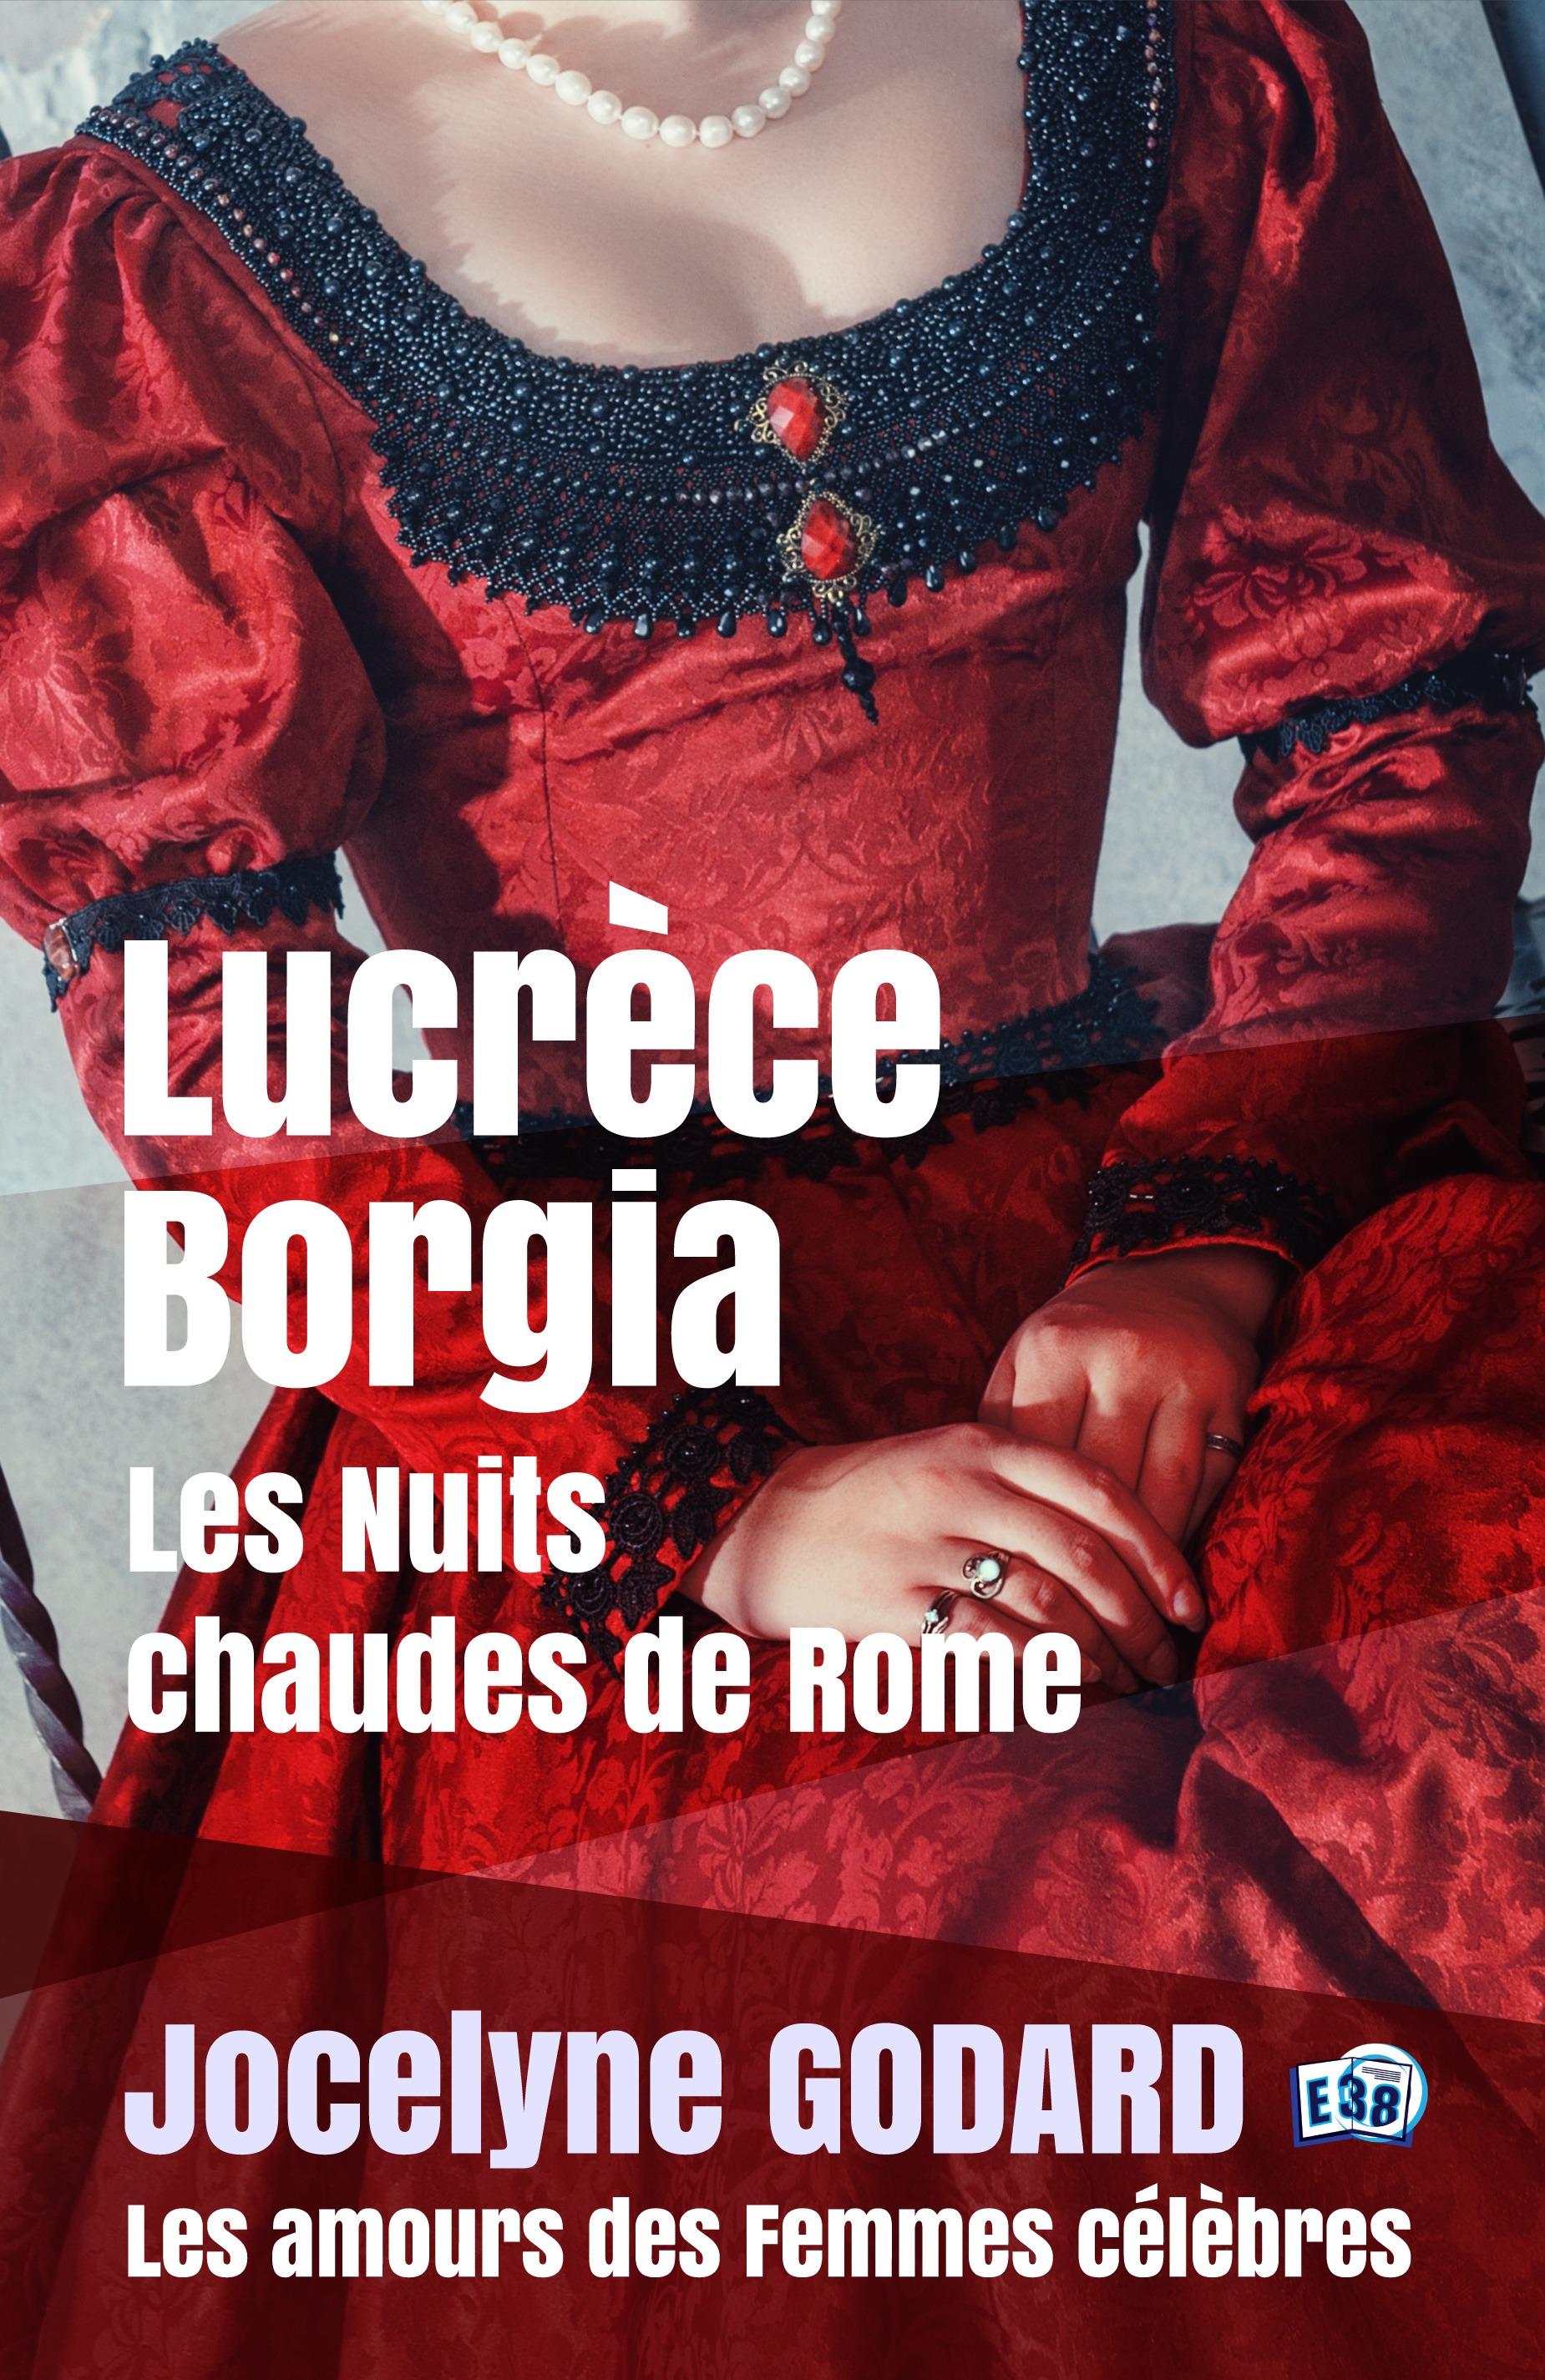 Lucrèce Borgia, Les nuits chaudes de Rome, LES AMOURS DES FEMMES CÉLÈBRES